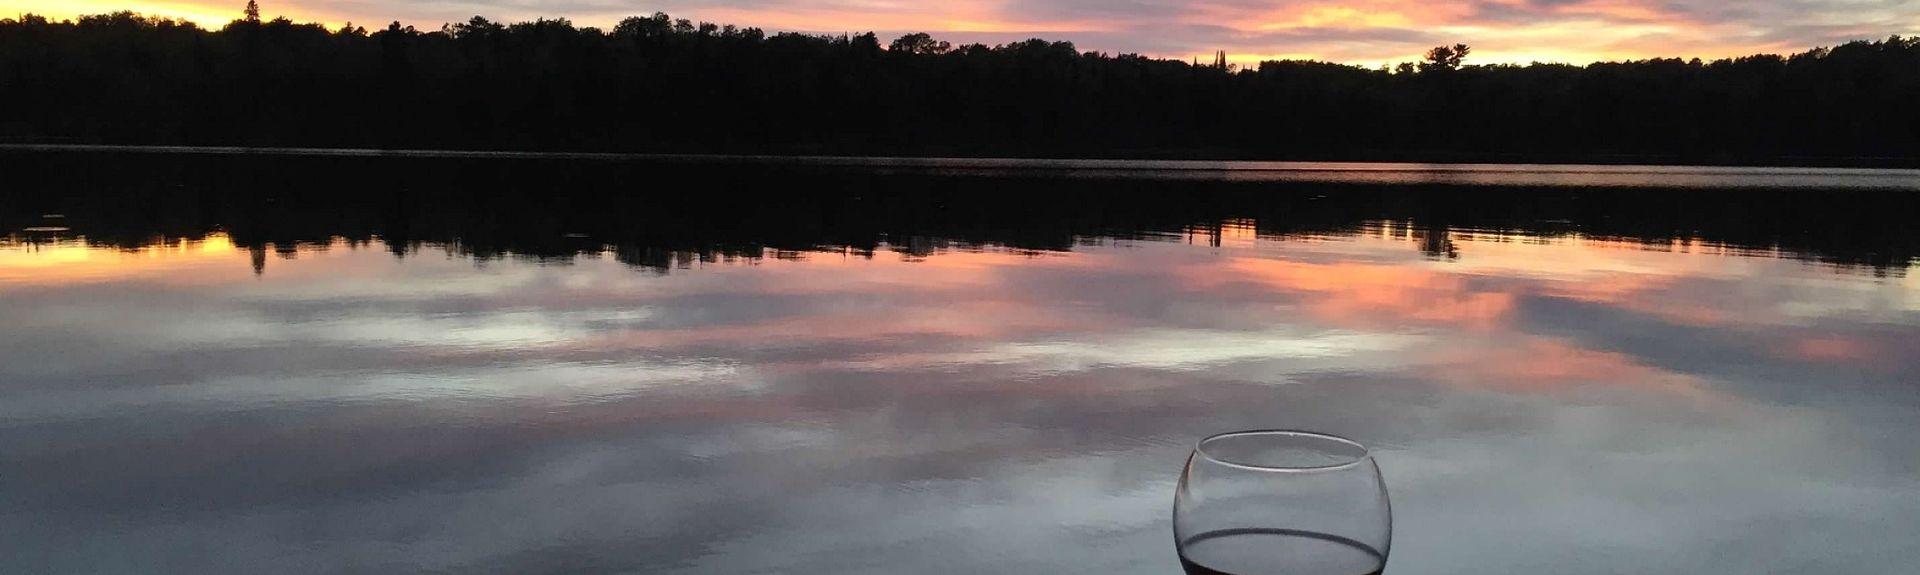 Leech Lake, MN, USA